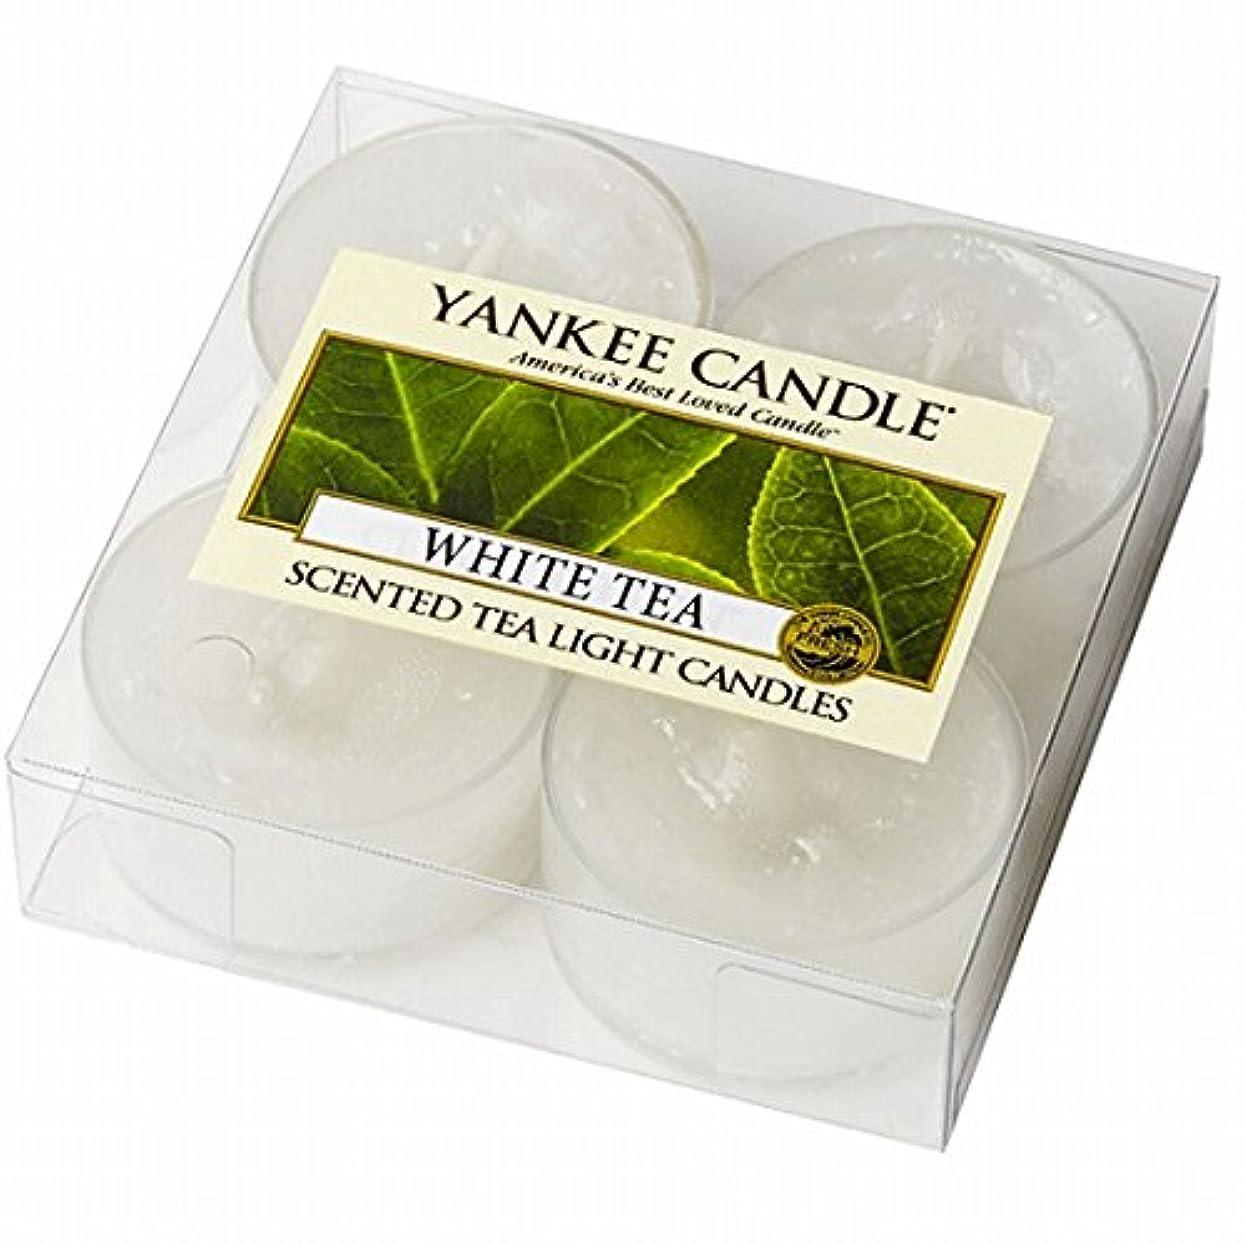 バクテリア自発的小間YANKEE CANDLE(ヤンキーキャンドル) YANKEE CANDLE クリアカップティーライト4個入り 「ホワイトティー」(K00205277)